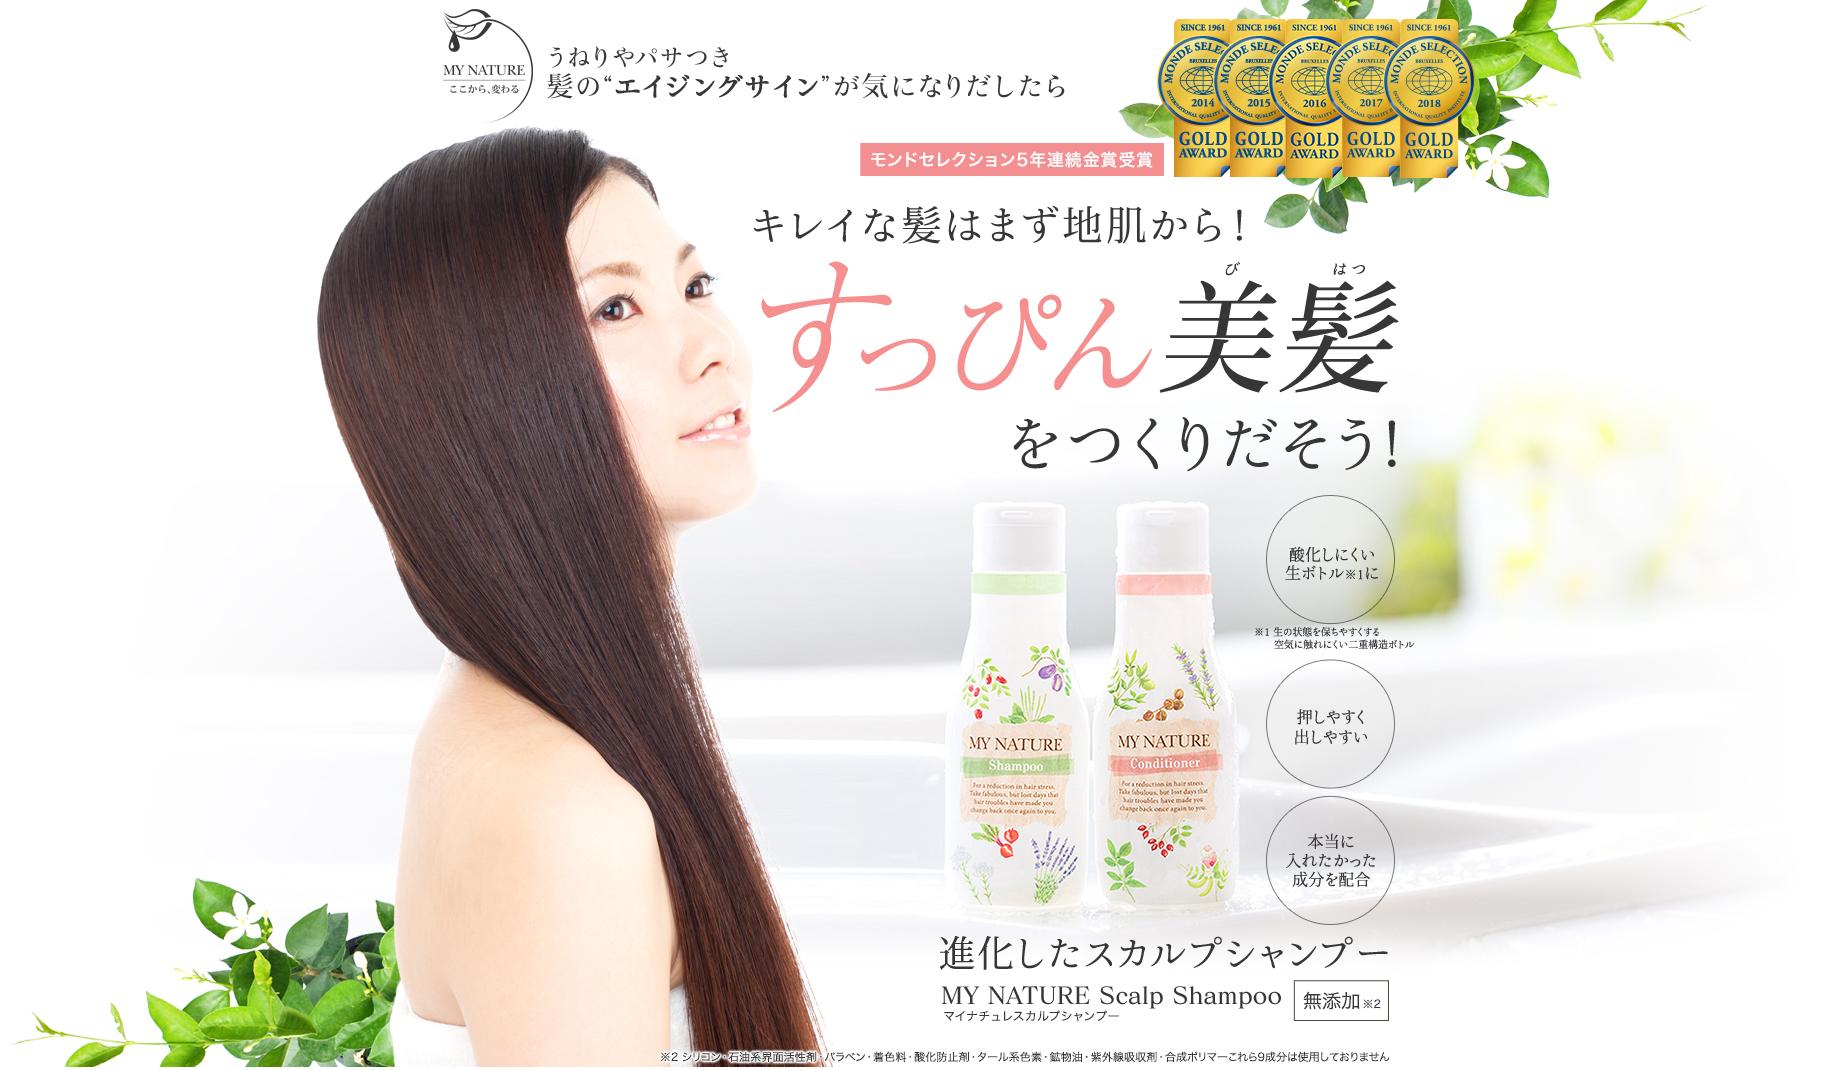 薄毛・抜け毛に悩む女性のための理想のシャンプー